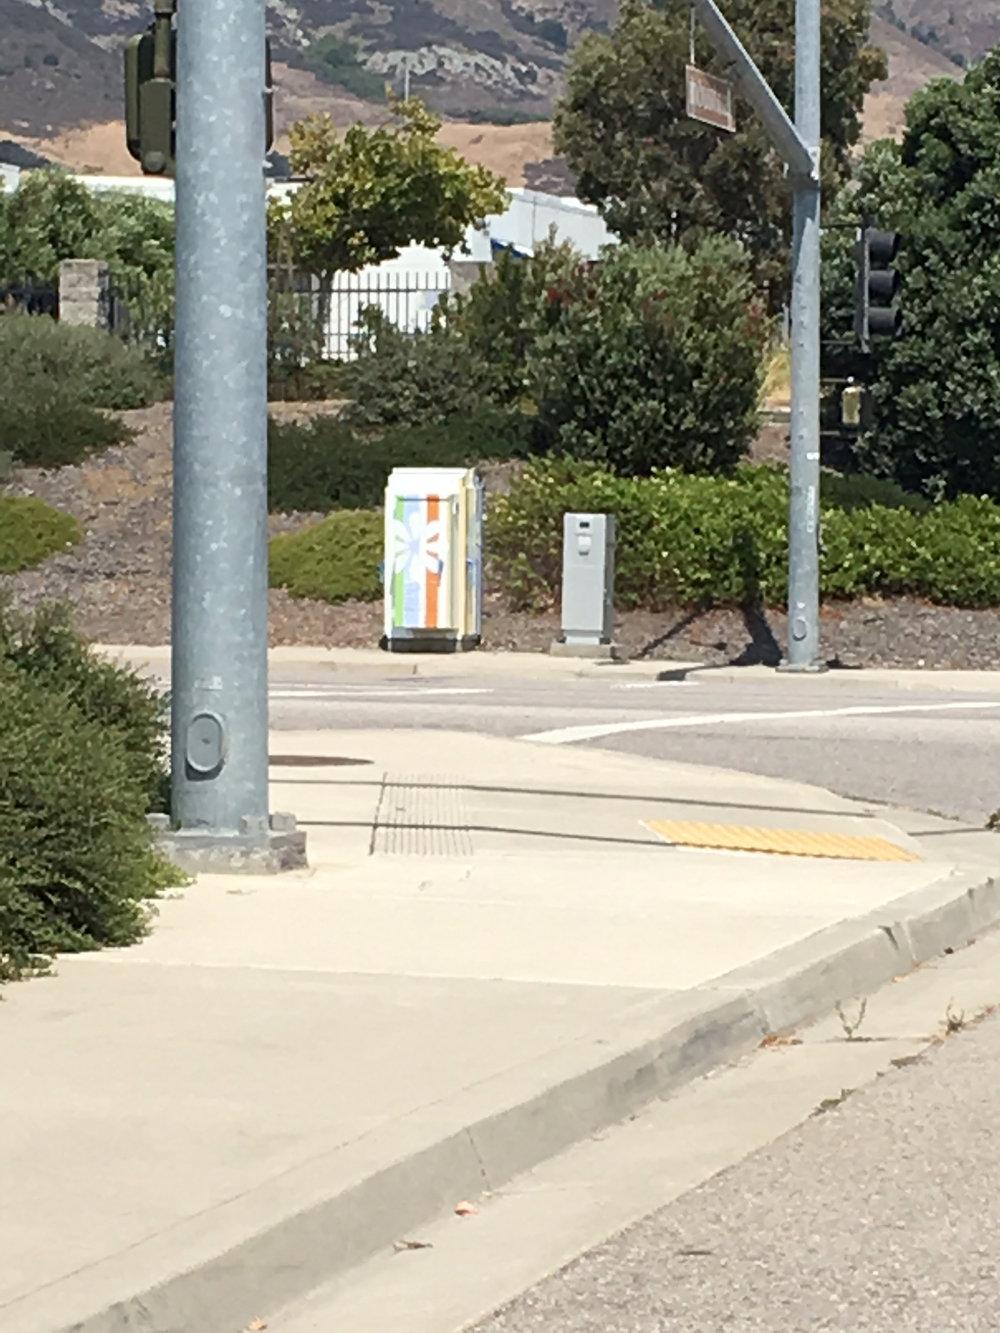 Flower Power   Public project work in progress San Luis Obispo, CA